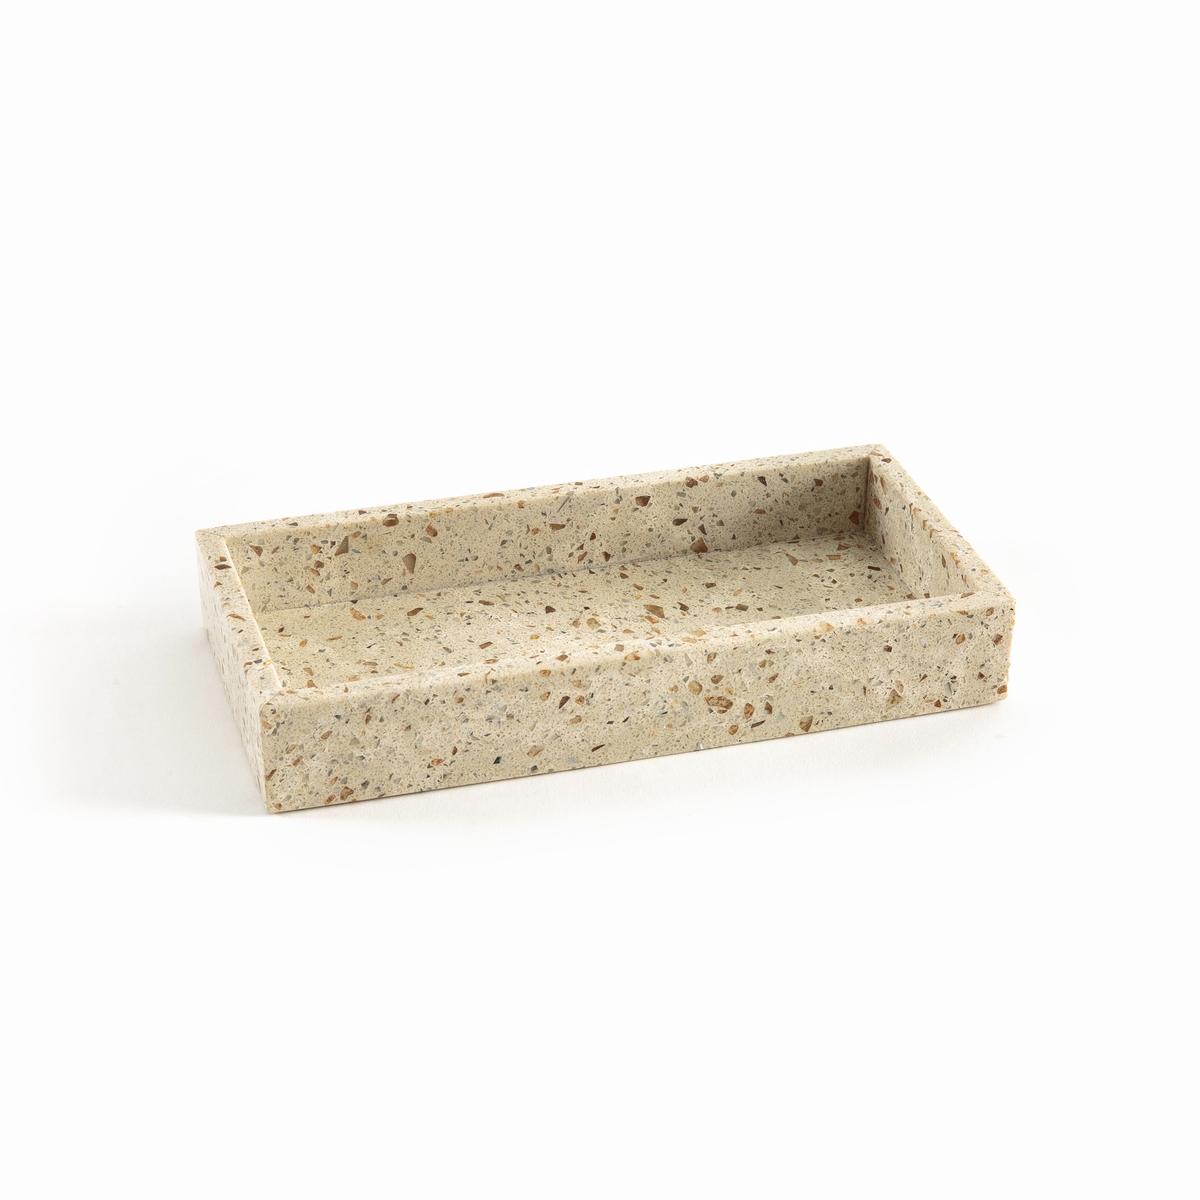 Поднос из бетона терраццо , TerzettoПоднос Terzetto. Настоящий предмет декора с неоднородными рисунками и, в то же время, очень прктичный поднос .Характеристики : - Из бетона терраццо (материал,: состояящий из частей натурального камня, цветного мрамора и цемента)Размеры : - L25 x H4 x P12 см<br><br>Цвет: разноцветный